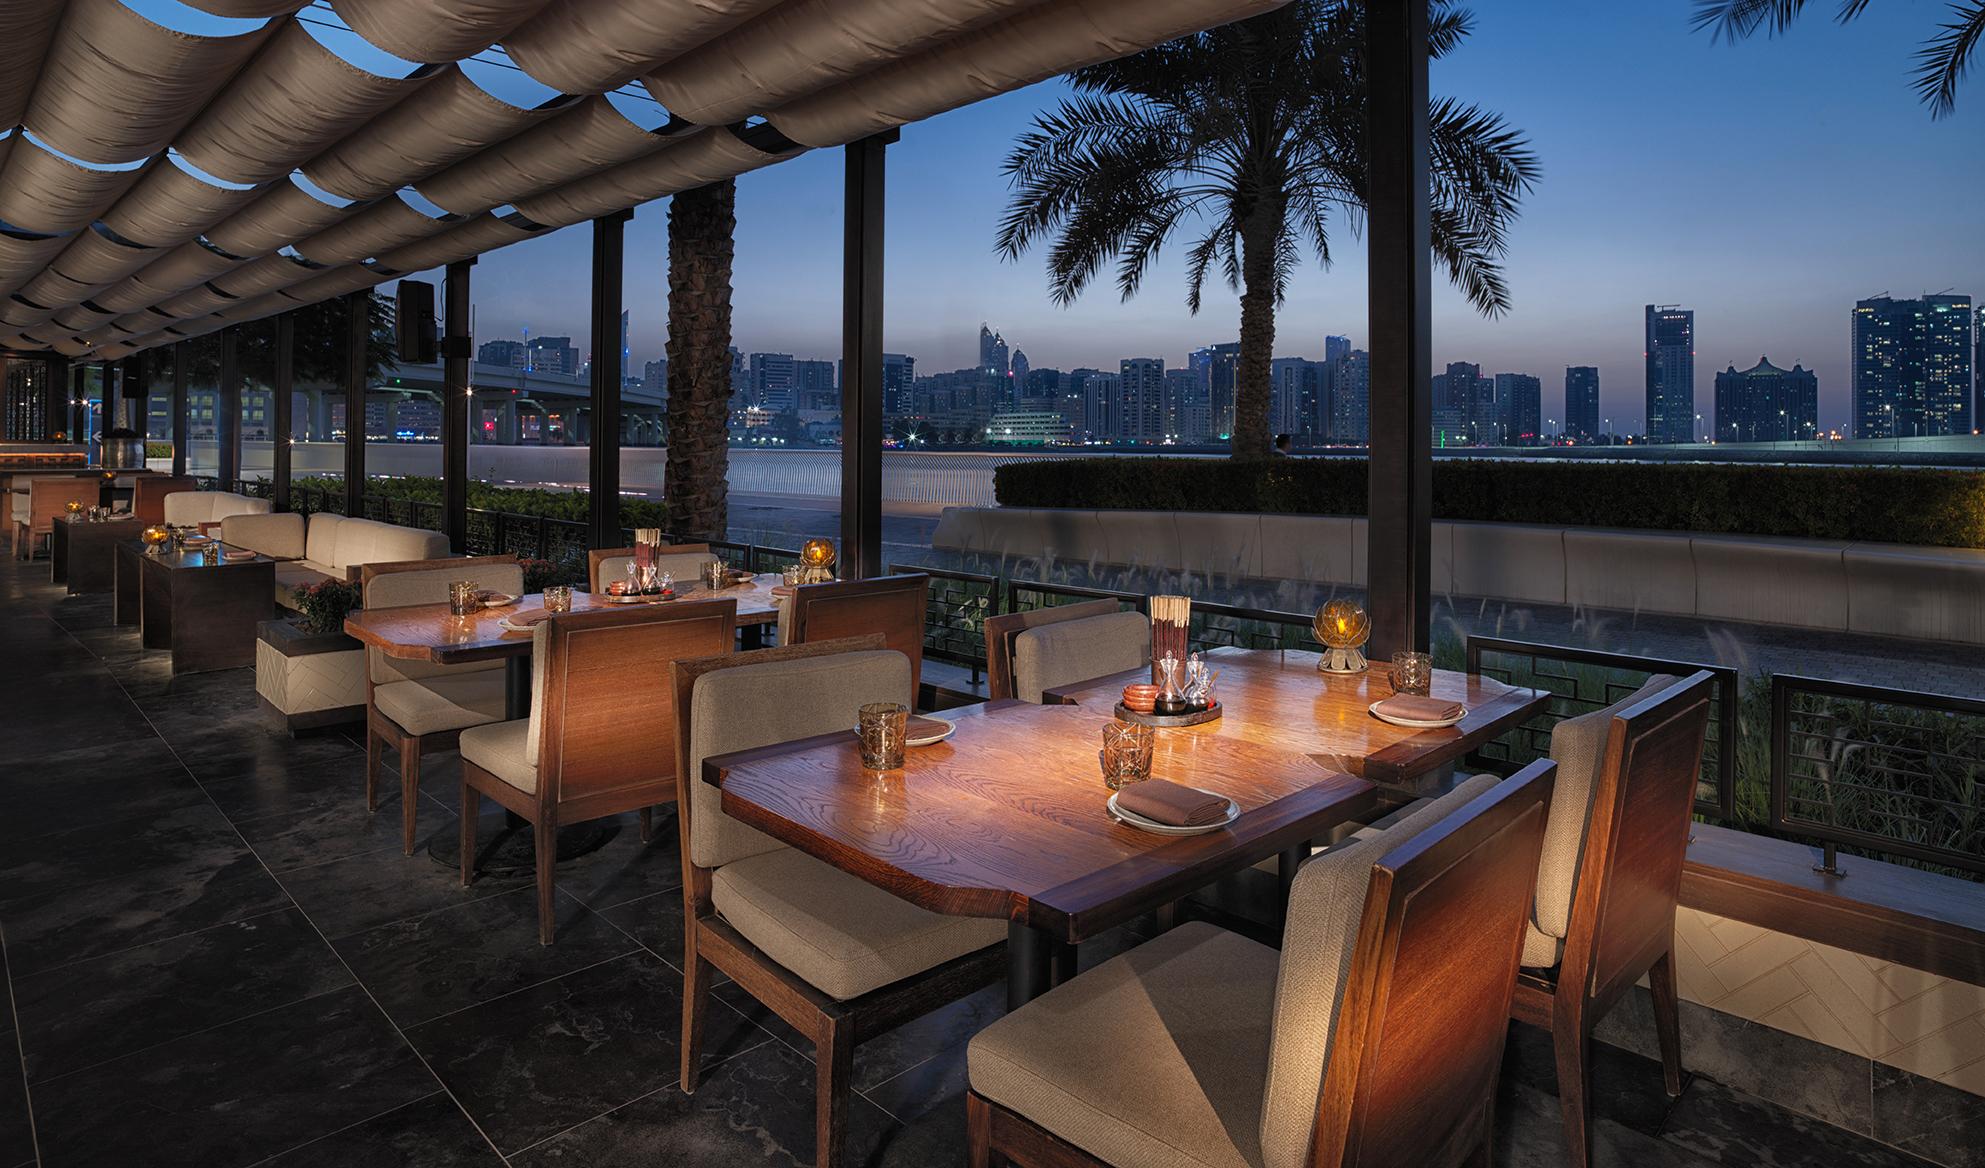 مطعم داي باي دونغ يحتفي بمهرجان سيتشوان للمأكولات الصينية